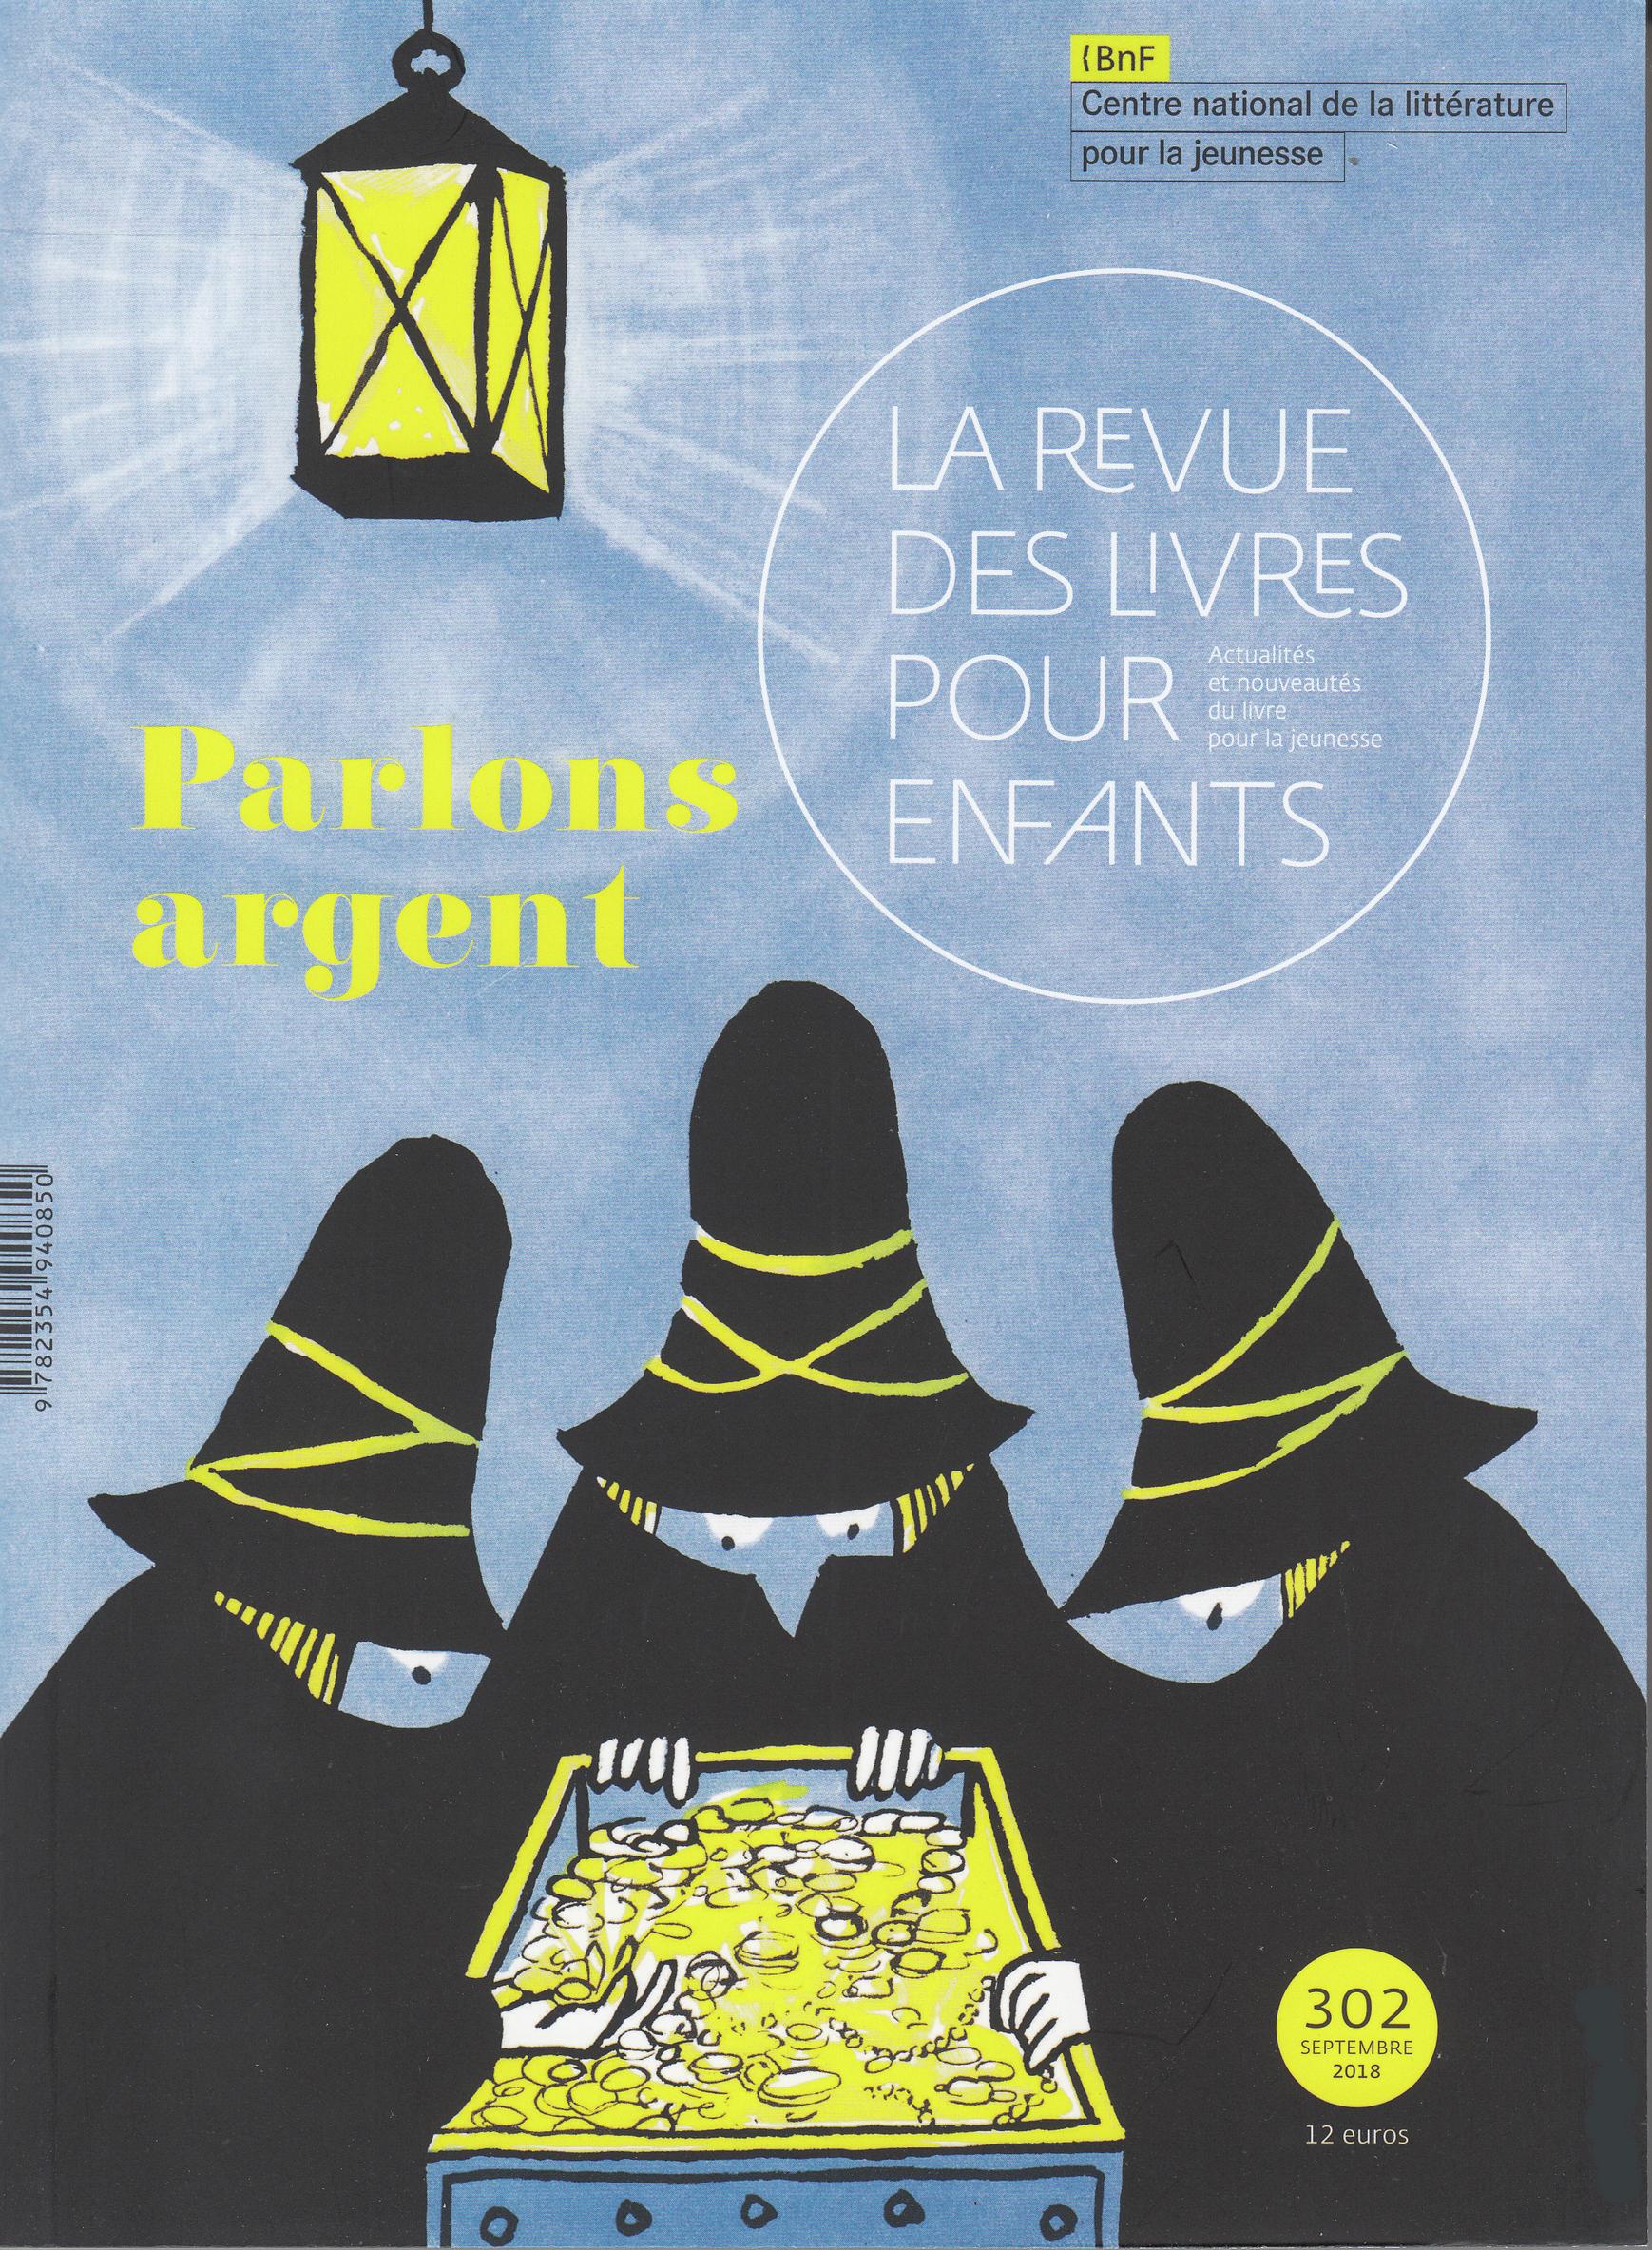 LA REVUE DES LIVRES POUR ENFANTS - PARLONS ARGENT